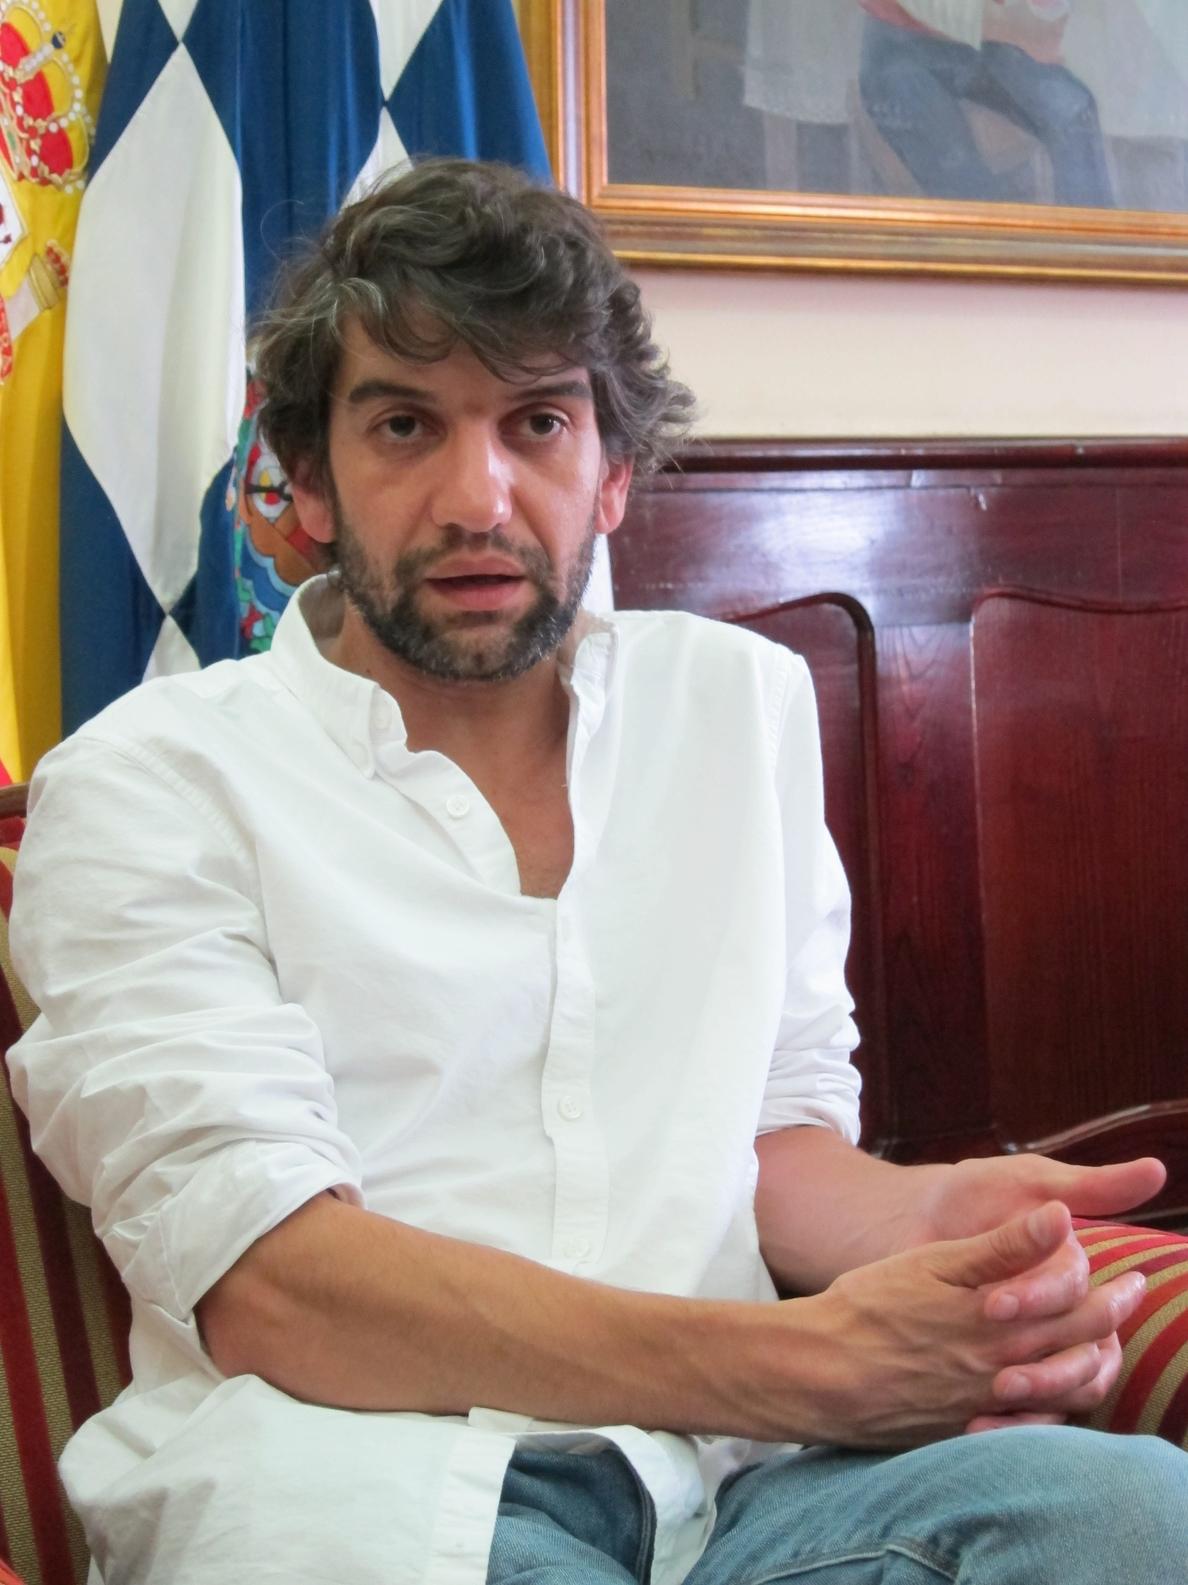 El alcalde de Ferrol defiende incumplir leyes que ve injustas y está dispuesto a «expropiaciones» de inmuebles en ruinas